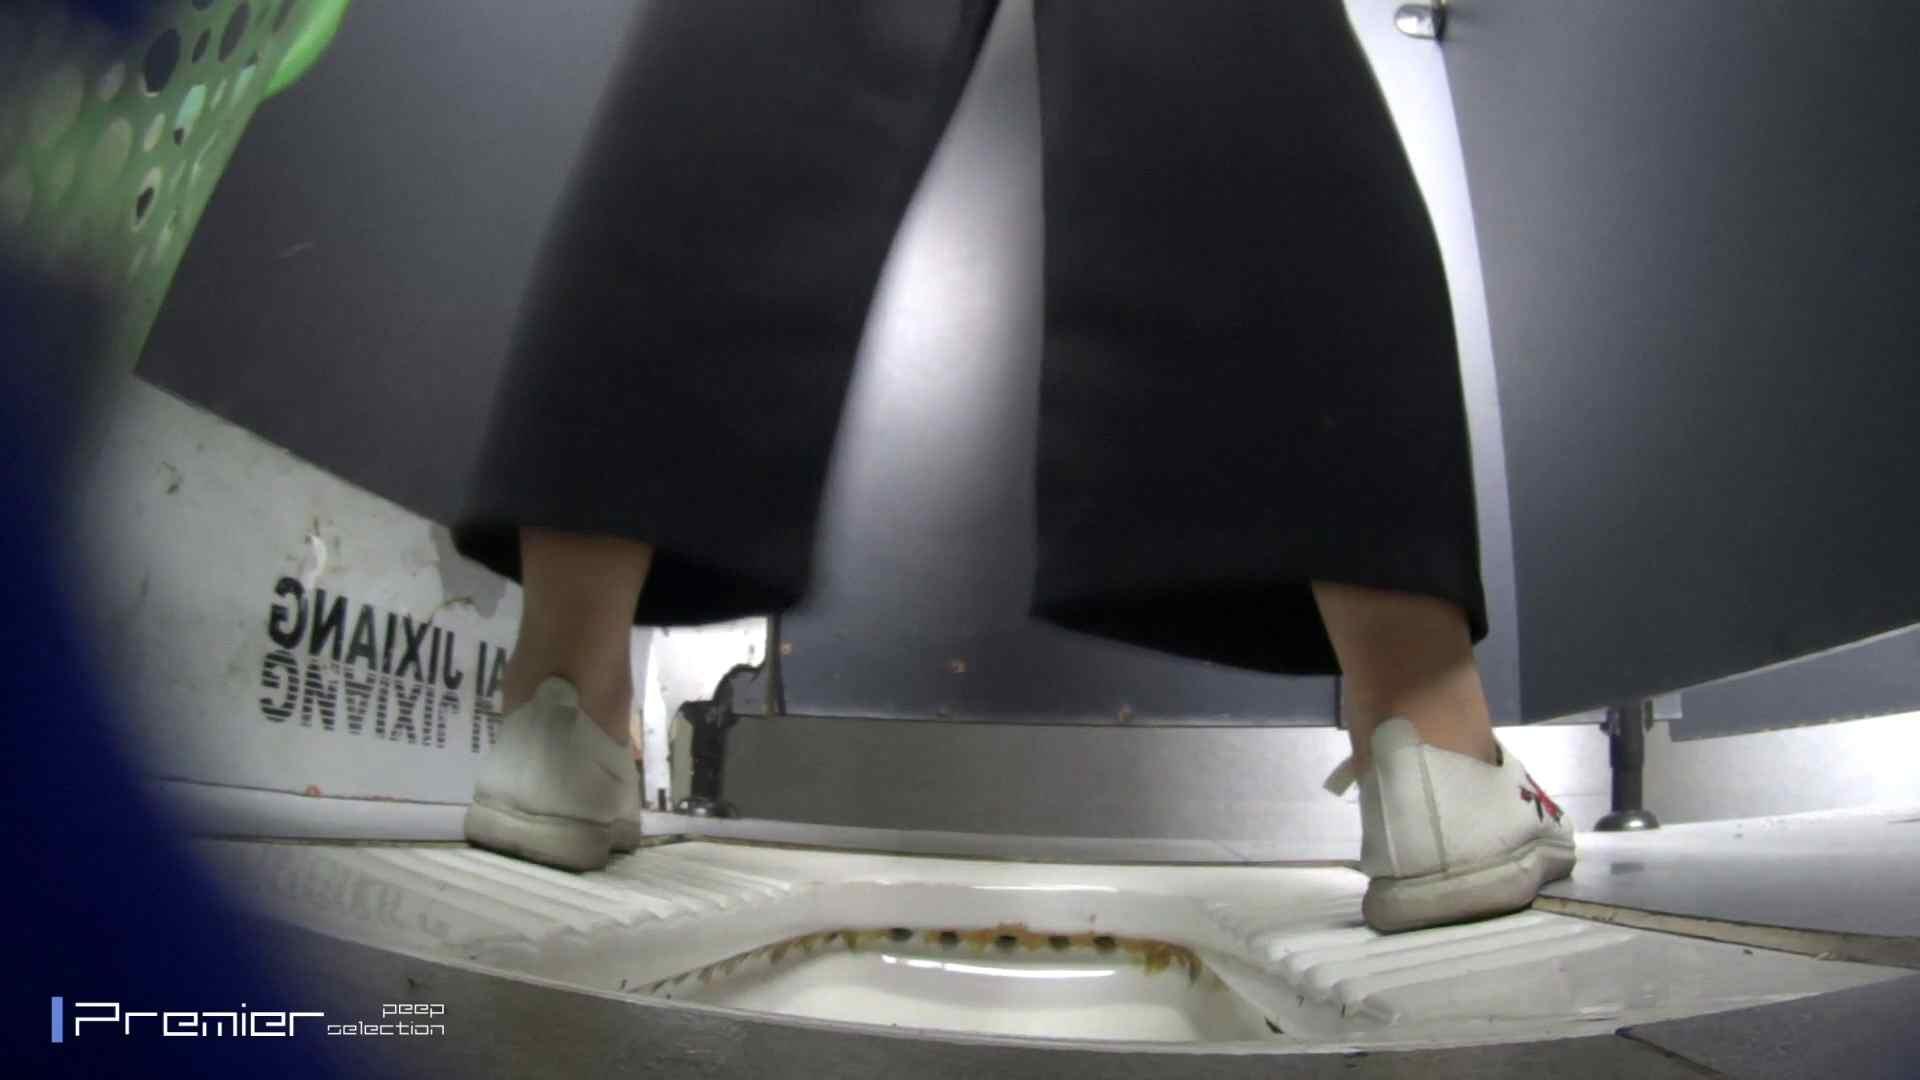 ポチャが多めの洗面所 大学休憩時間の洗面所事情45 高画質  107枚 60